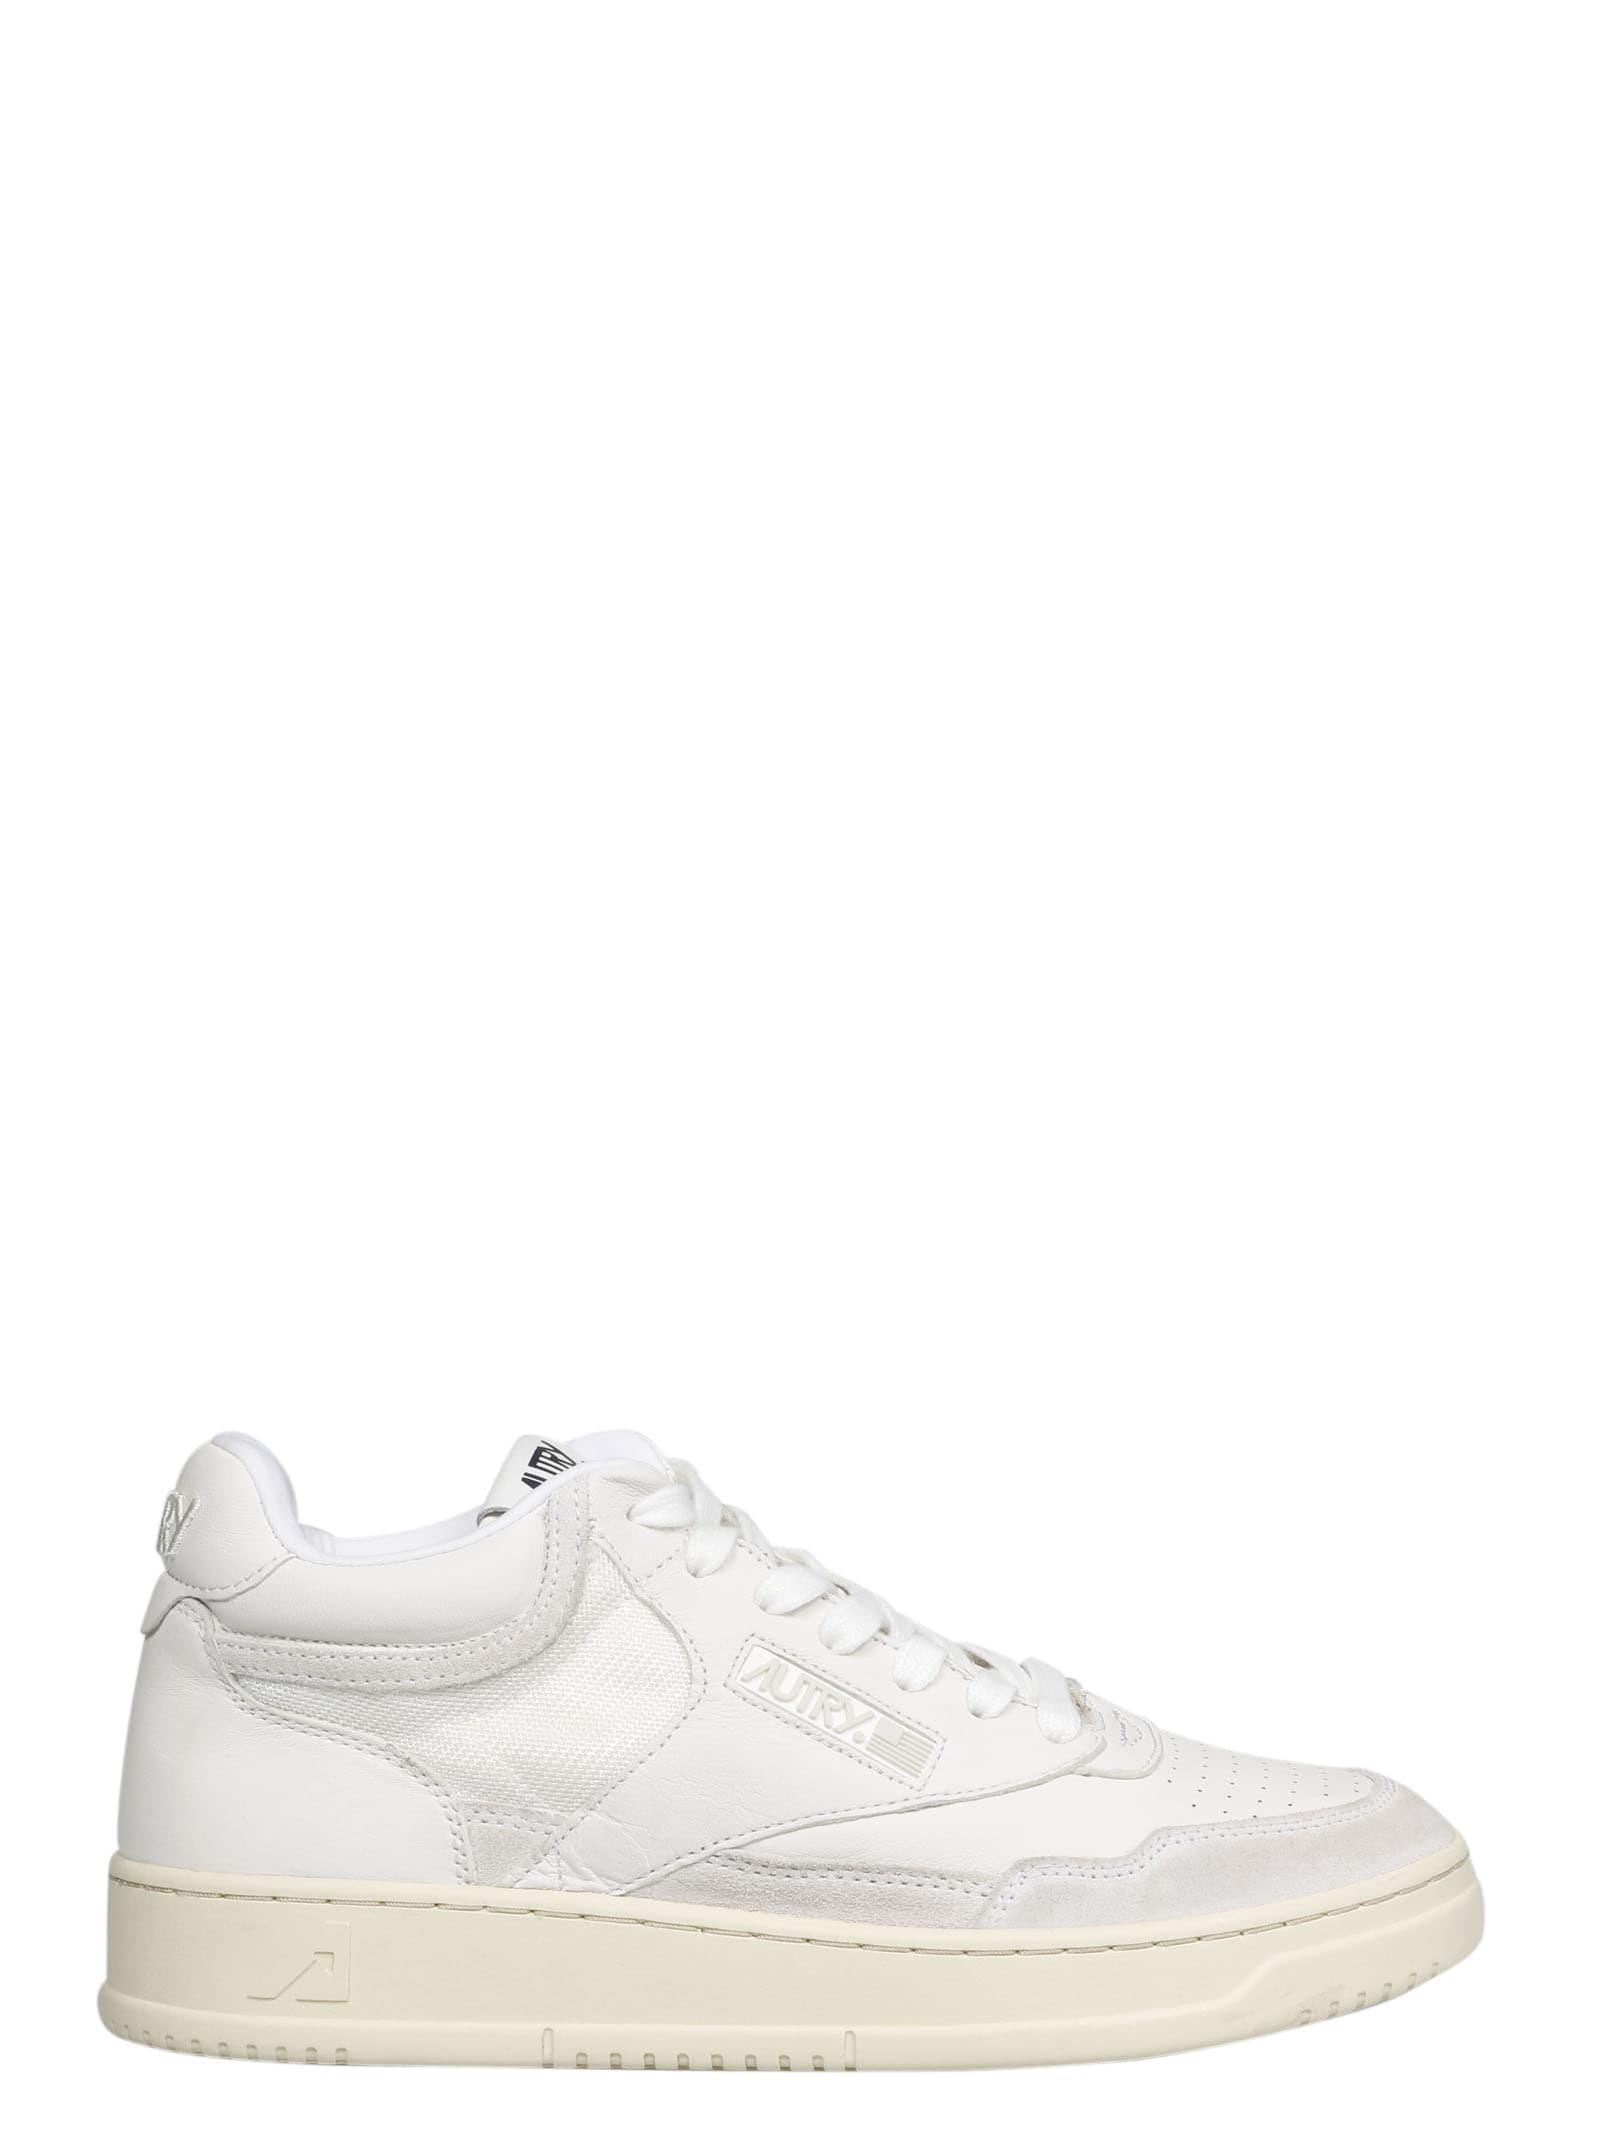 Autry Sneakers CAPSULE MID SNEAKERS